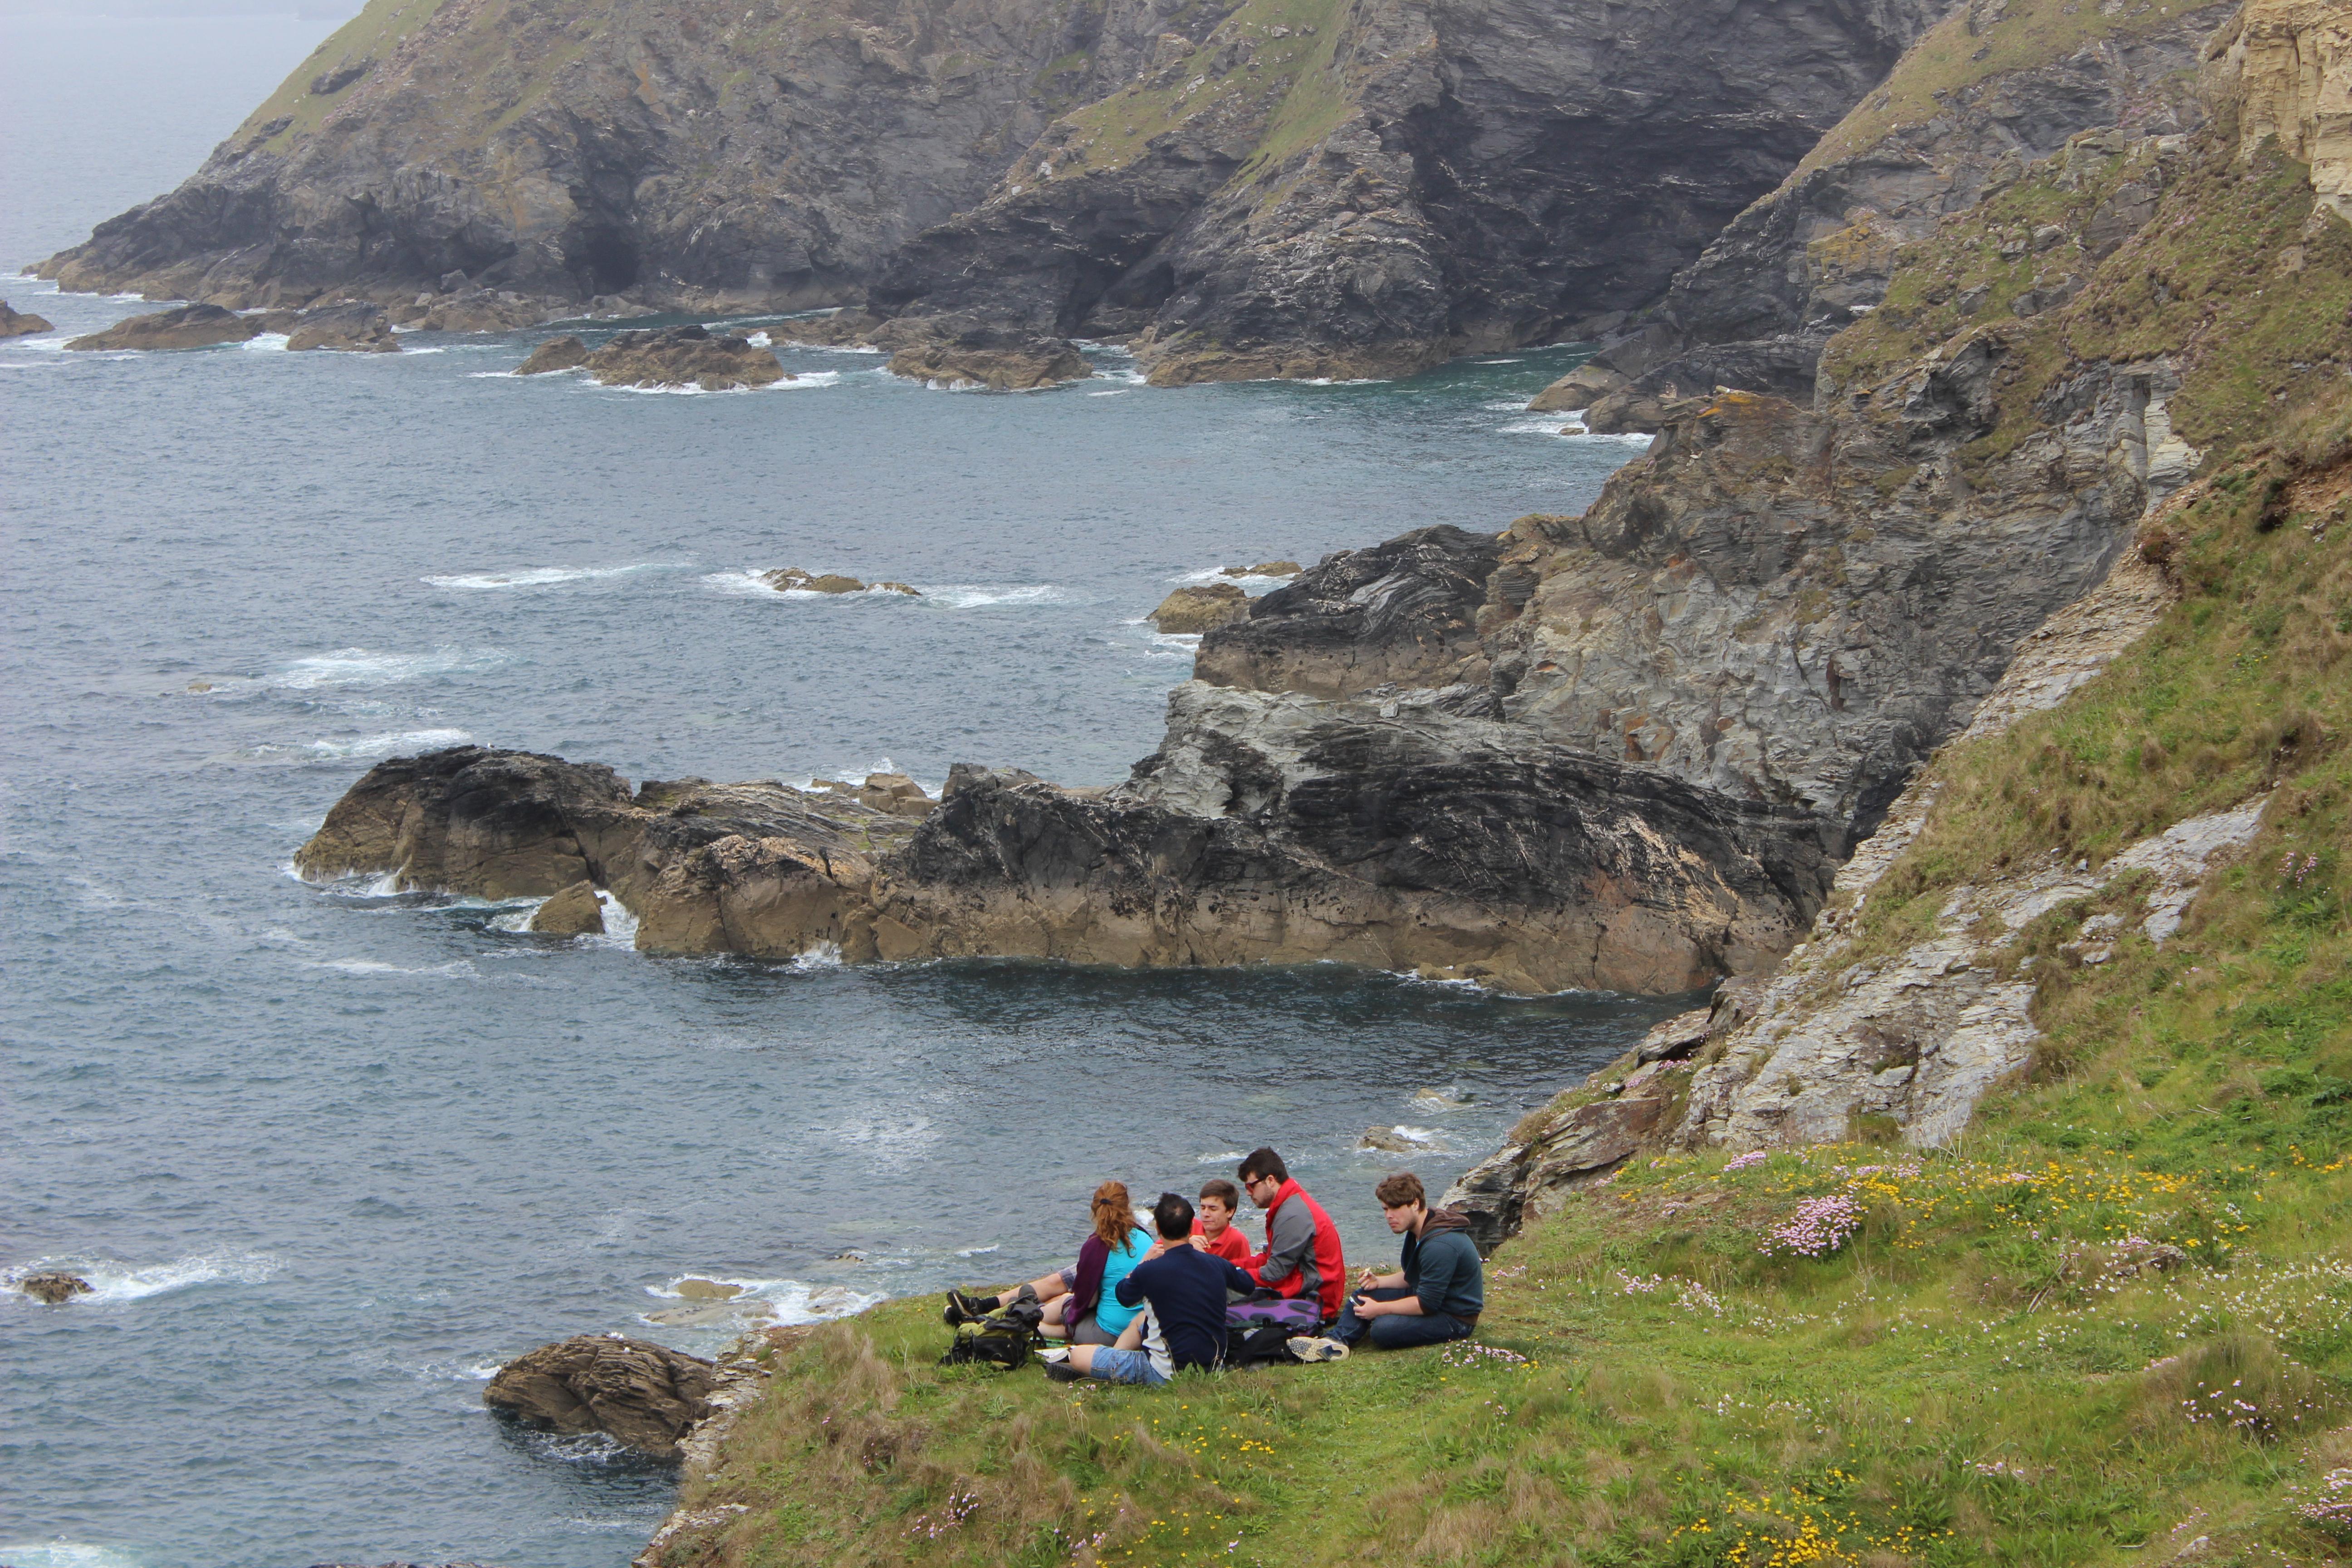 Wanderreise Cornwall 11 Tage Wandern Deutschsprachige